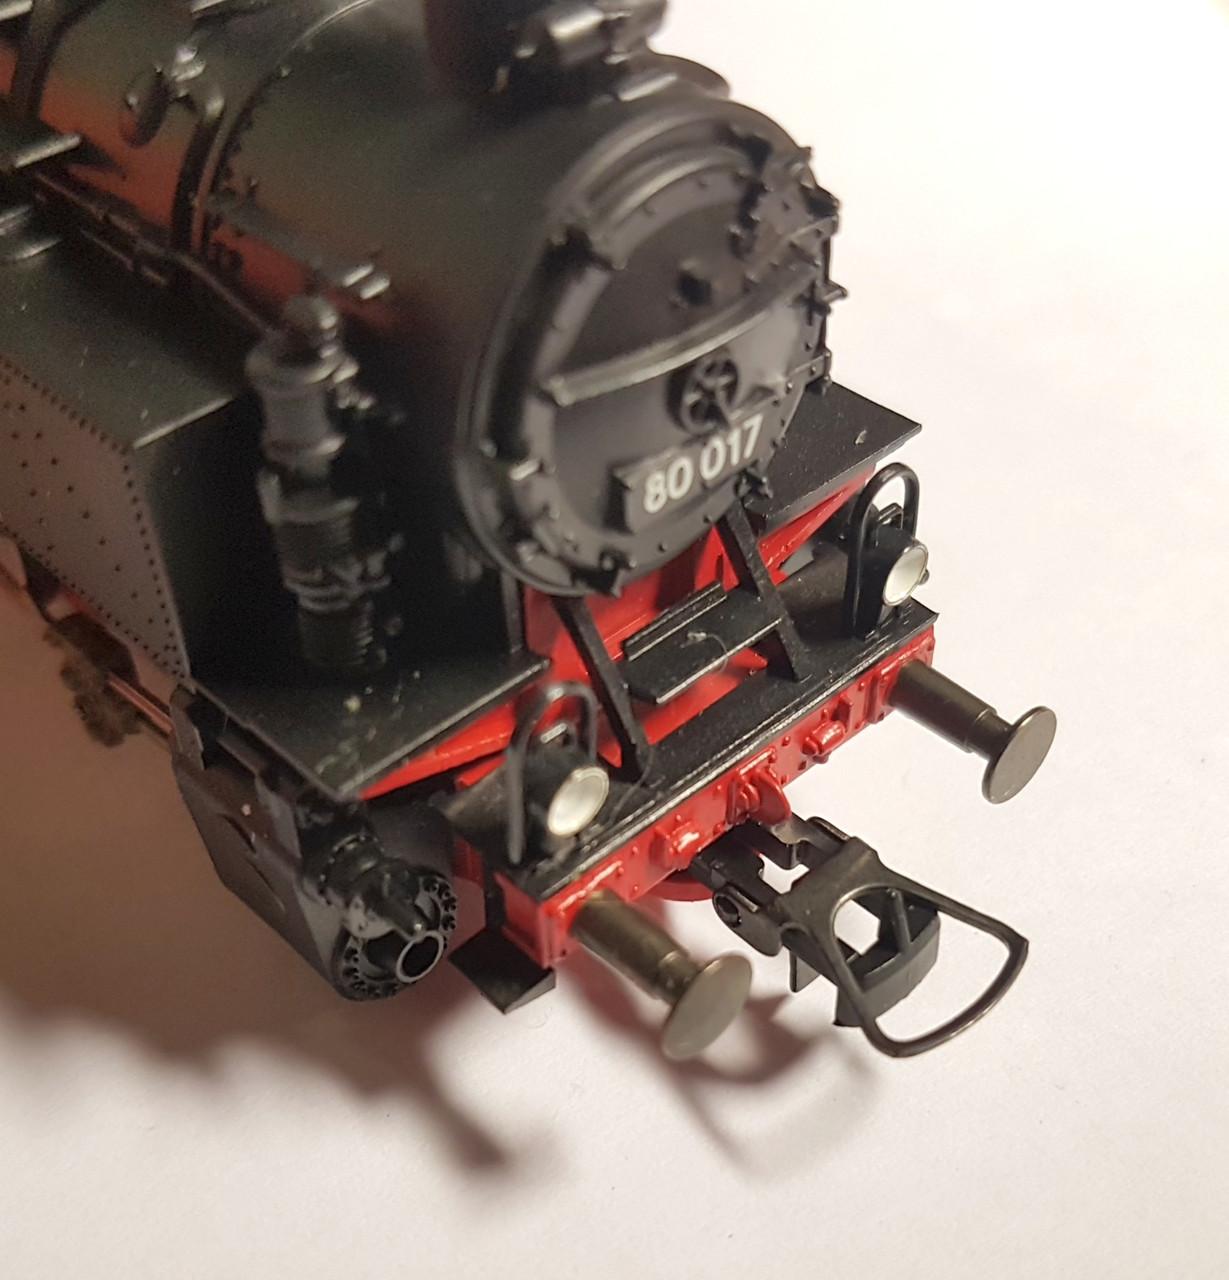 Roco 89203 Соединительная сцепка для локомотивов и тендеров Roco Piko, масштаба 1:87, H0